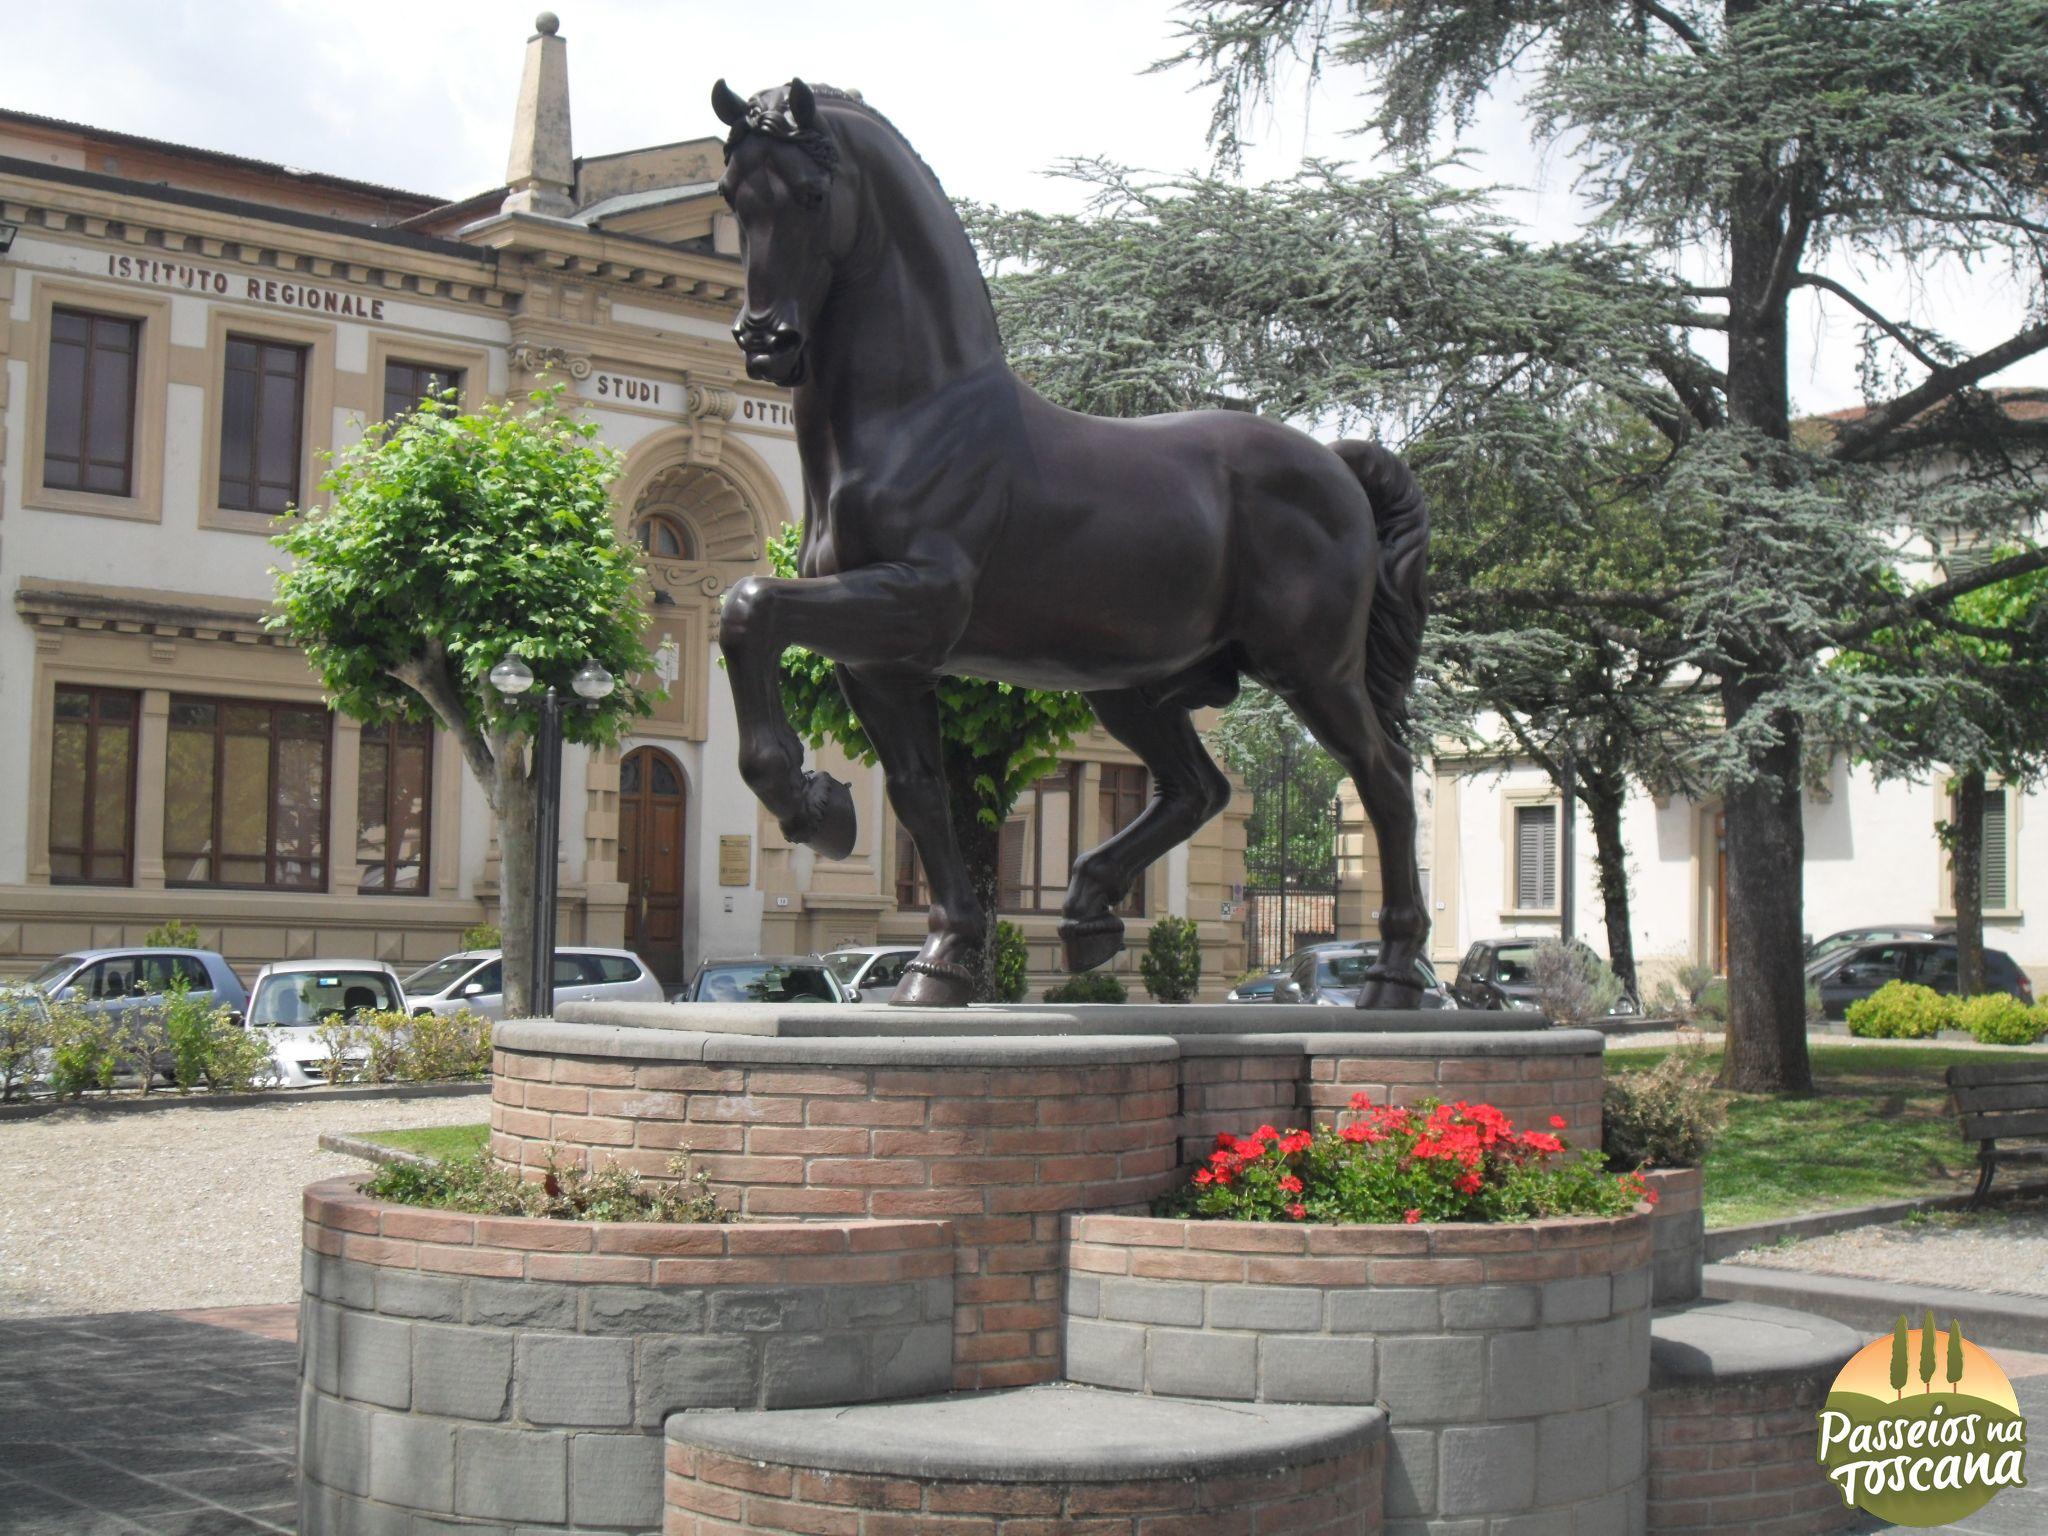 Monumento Equestre – Piazza della Libertà